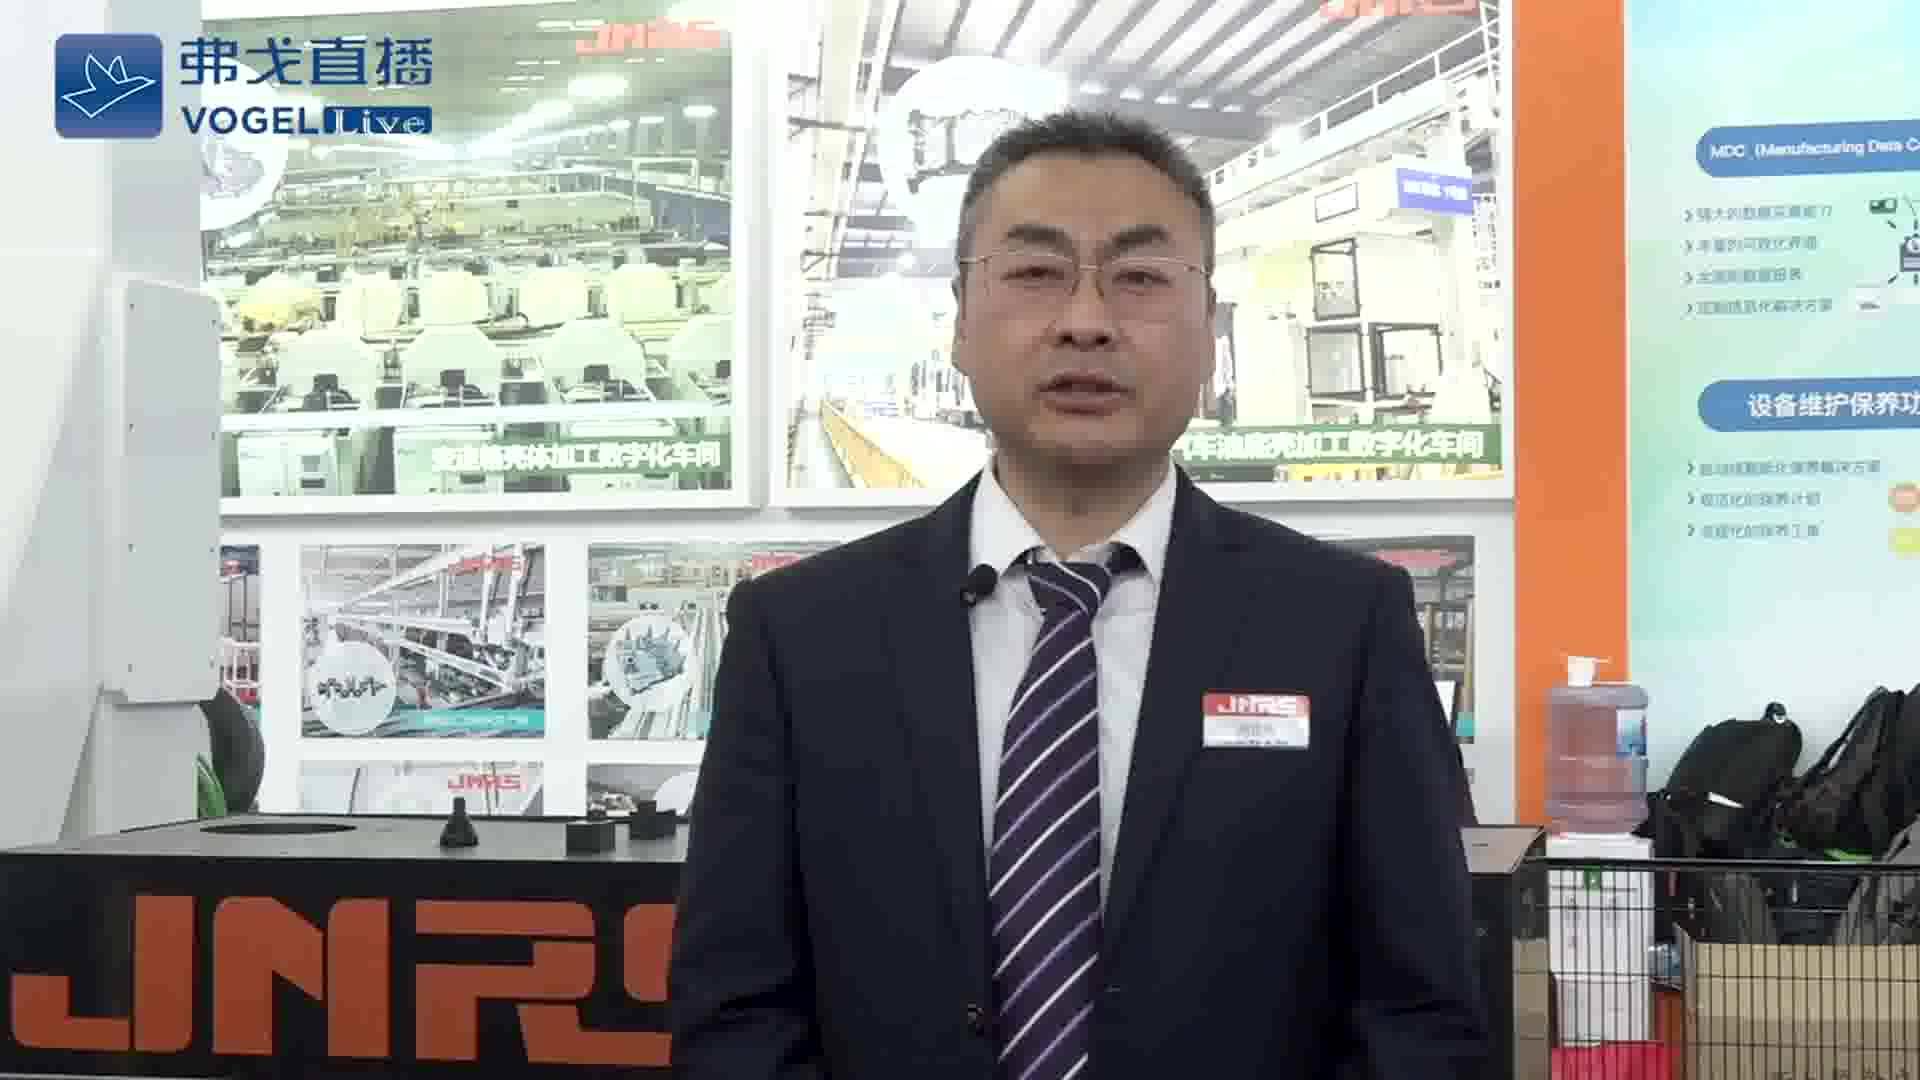 同彦恒先生 宁夏巨能机器人股份有限公司营业部部长介绍展品-CIMT2019